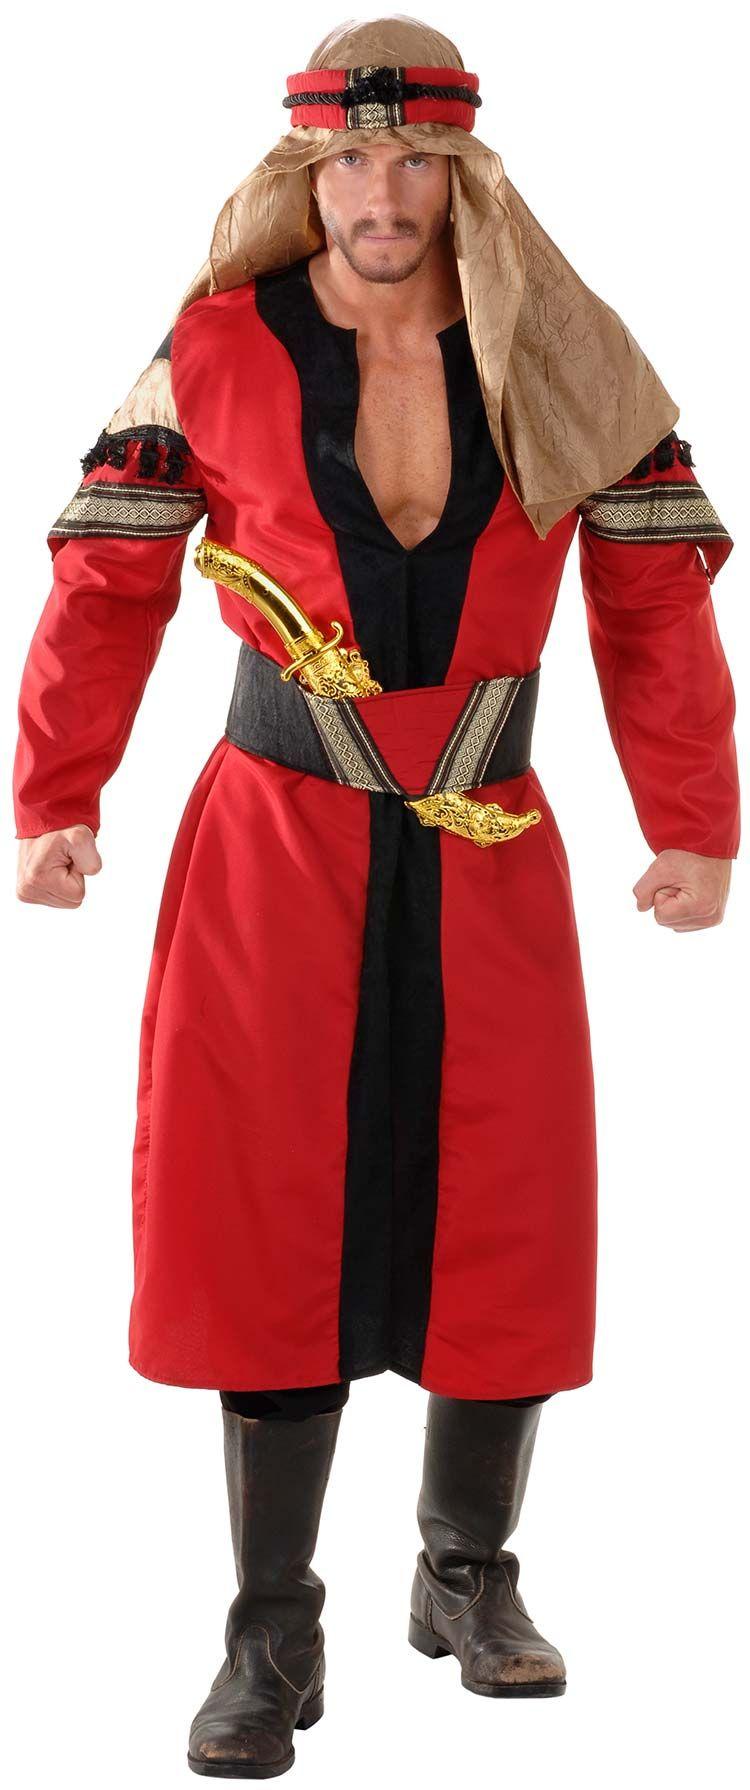 11049M-Deluxe-Desert-Prince-Arabian-Costume-large.jpg 750×1790 pixels  sc 1 st  Pinterest & 11049M-Deluxe-Desert-Prince-Arabian-Costume-large.jpg 750×1790 ...